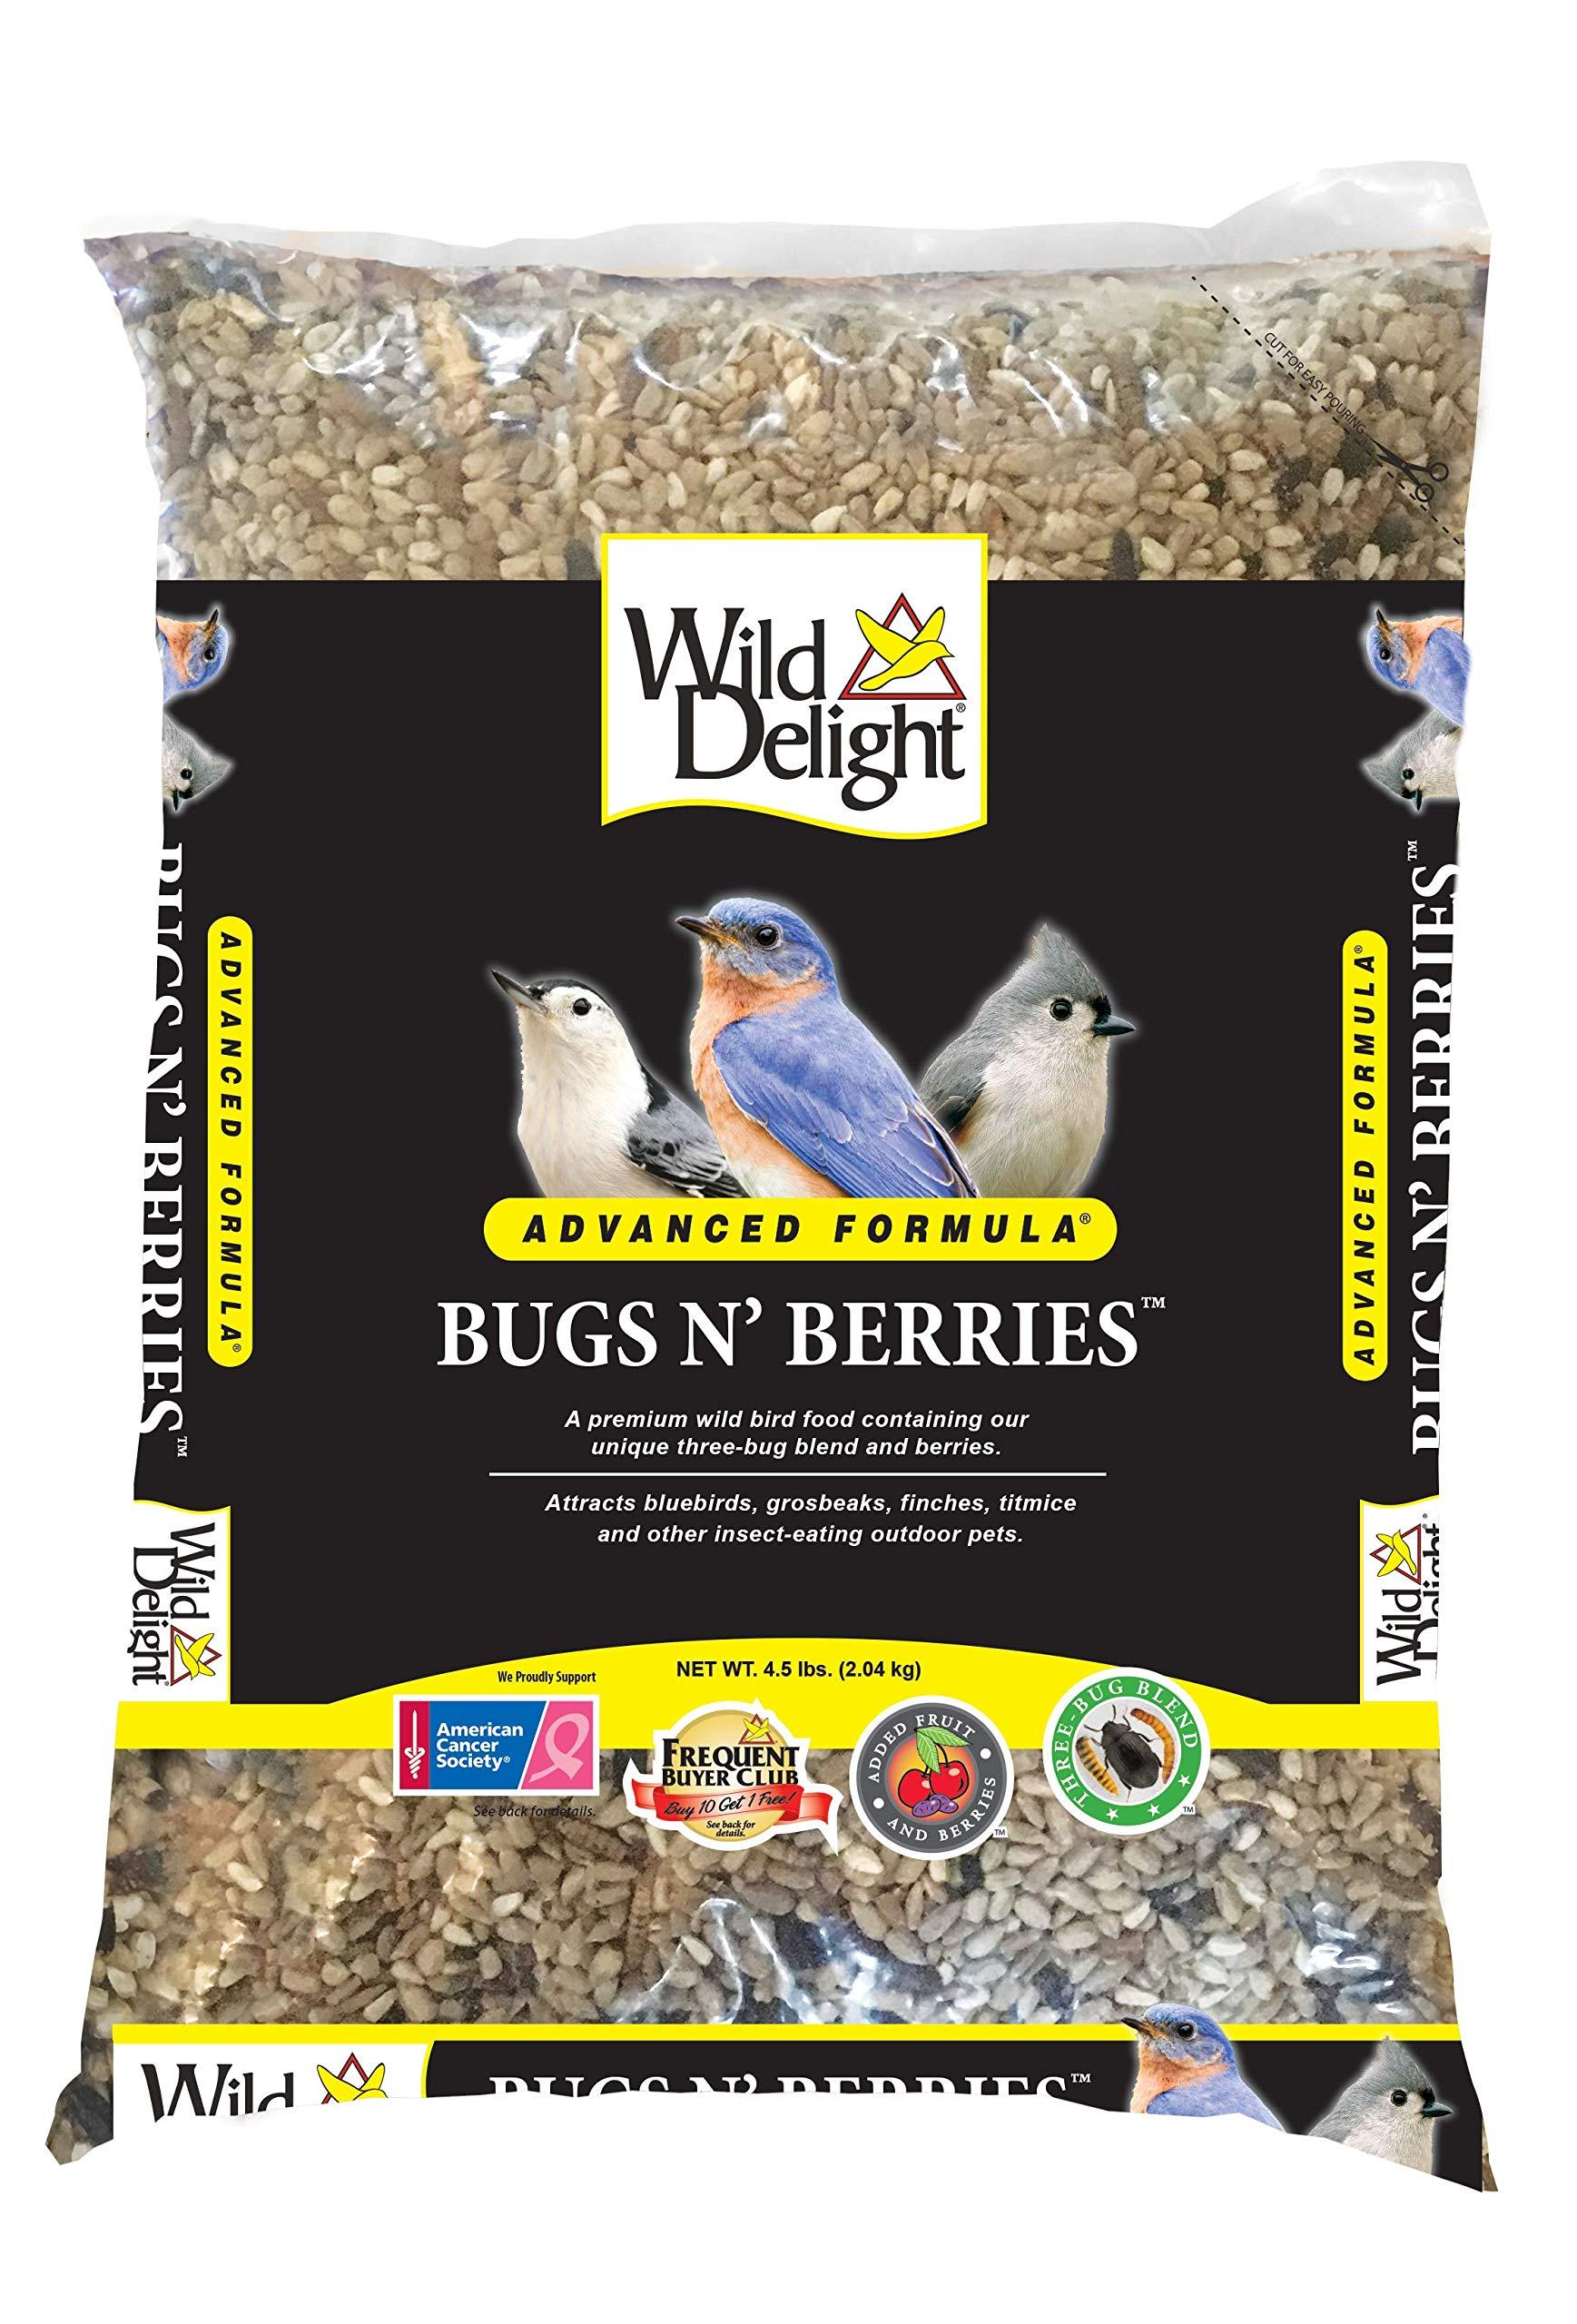 Wild Delight 099127 Bugs N' Berries Wild Bird Food, 4.5 Lb by Wild Delight